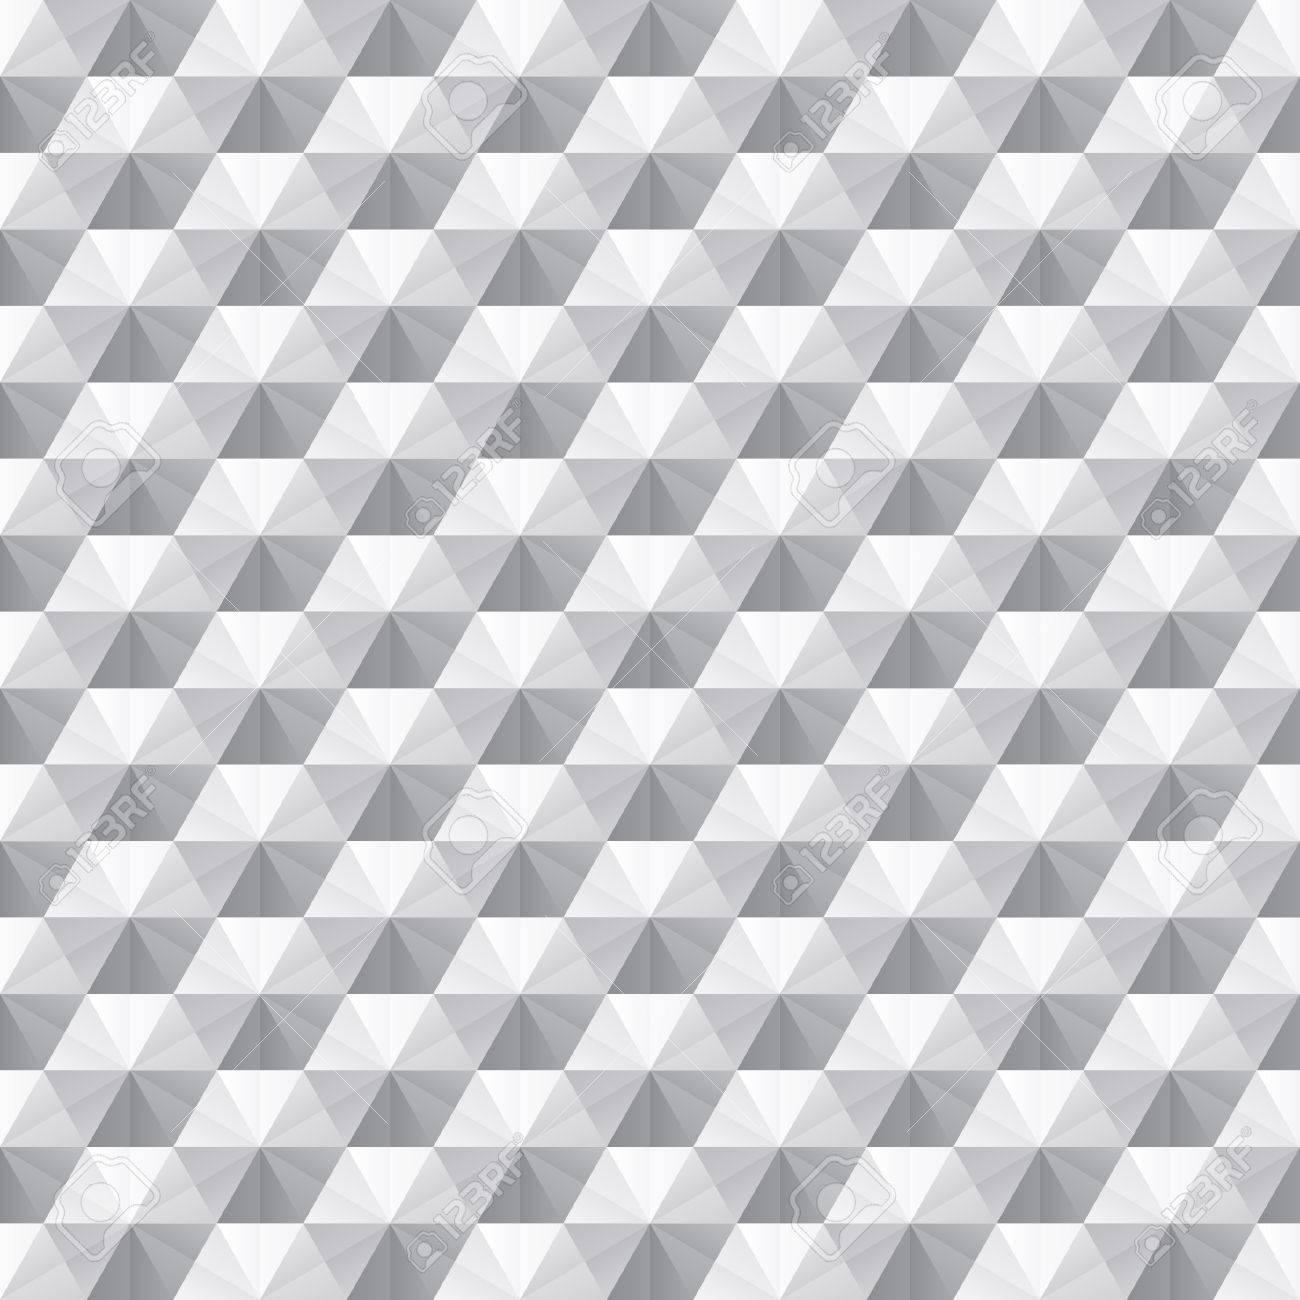 Superb Weiß Grau Nahtlose Geometrische Textur. Innen Polygonalen Wandplatte  Muster. Standard Bild   46812034